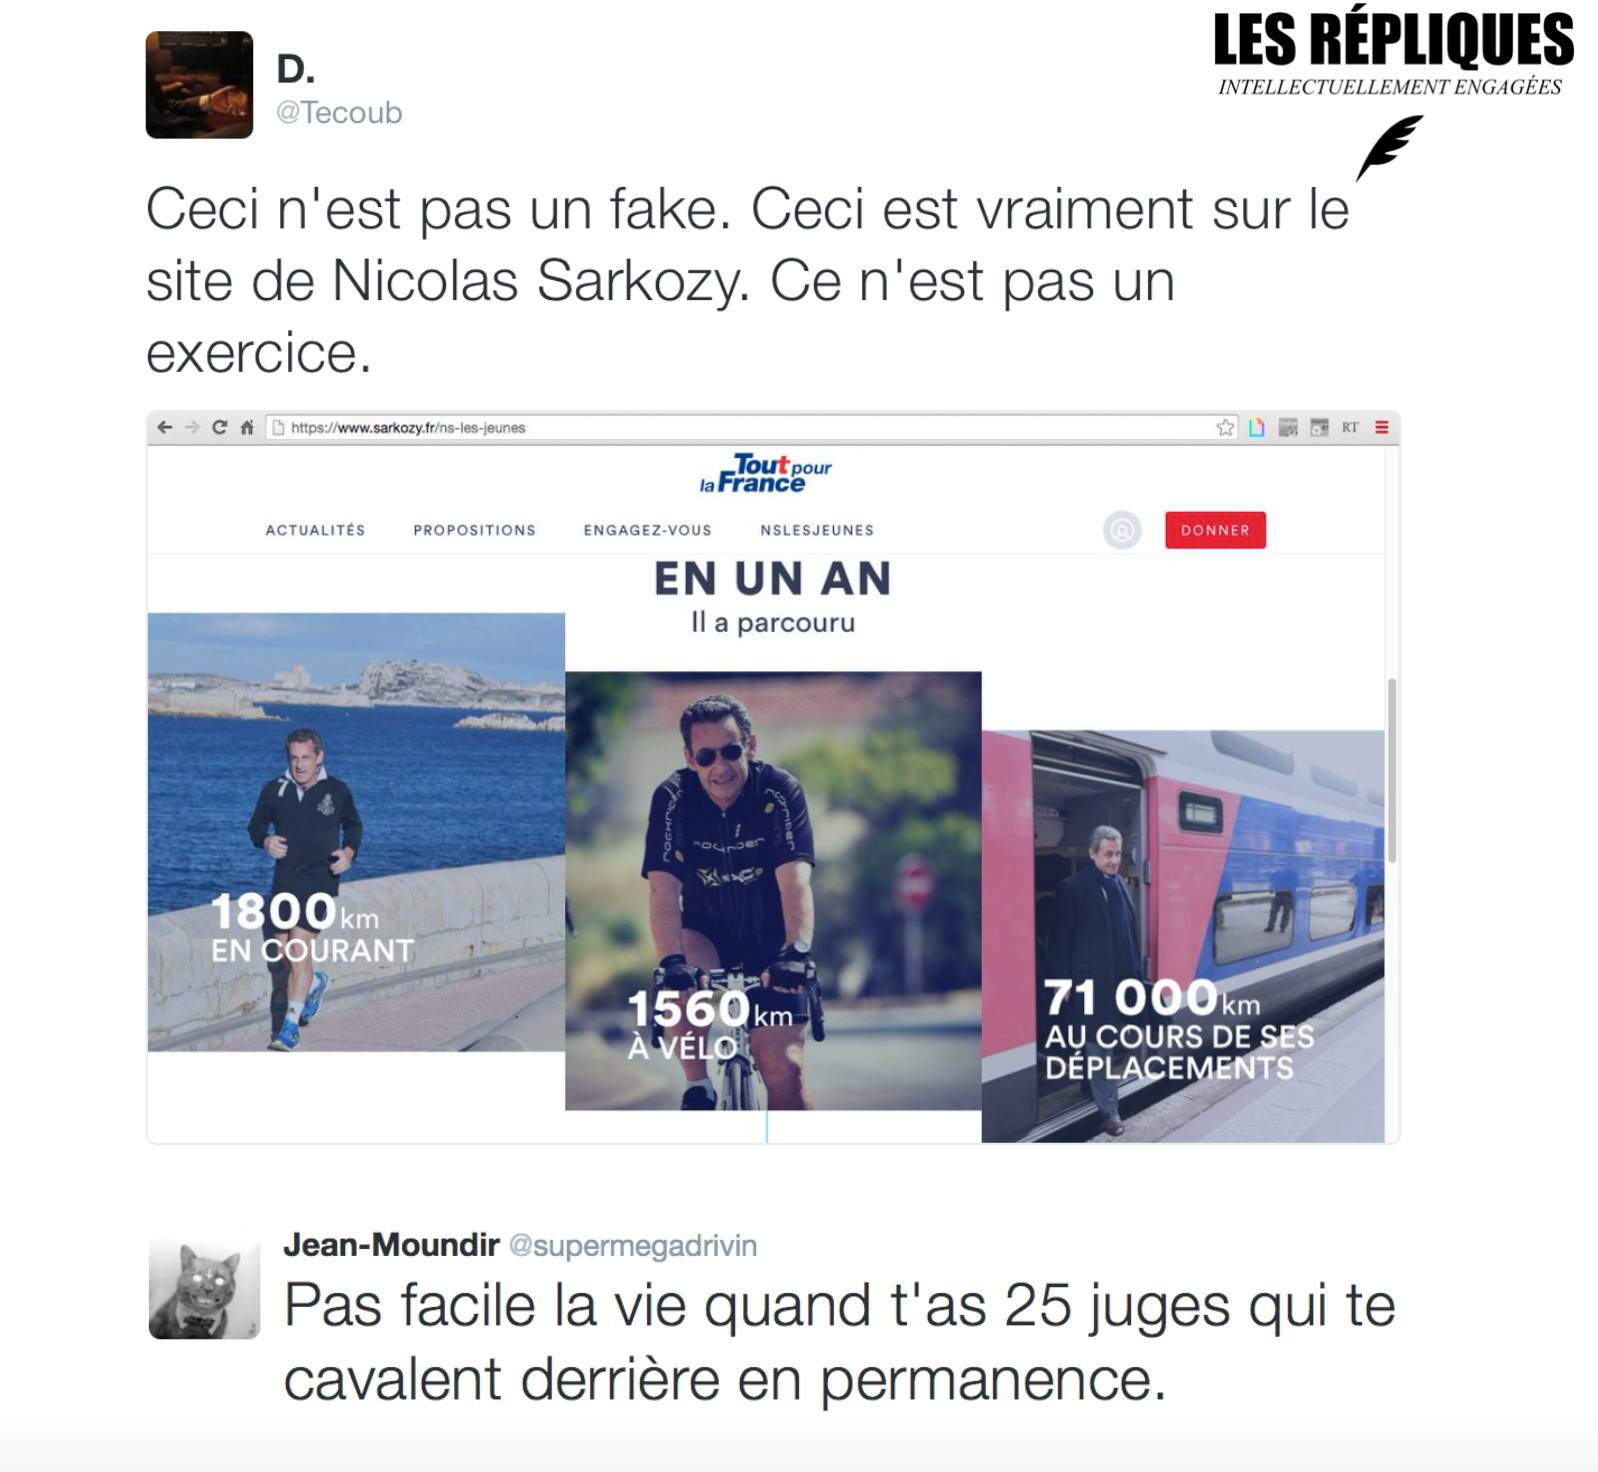 Officiel : Sarkozy revient - Page 3 14107658_1488000517893672_230029762540382071_o